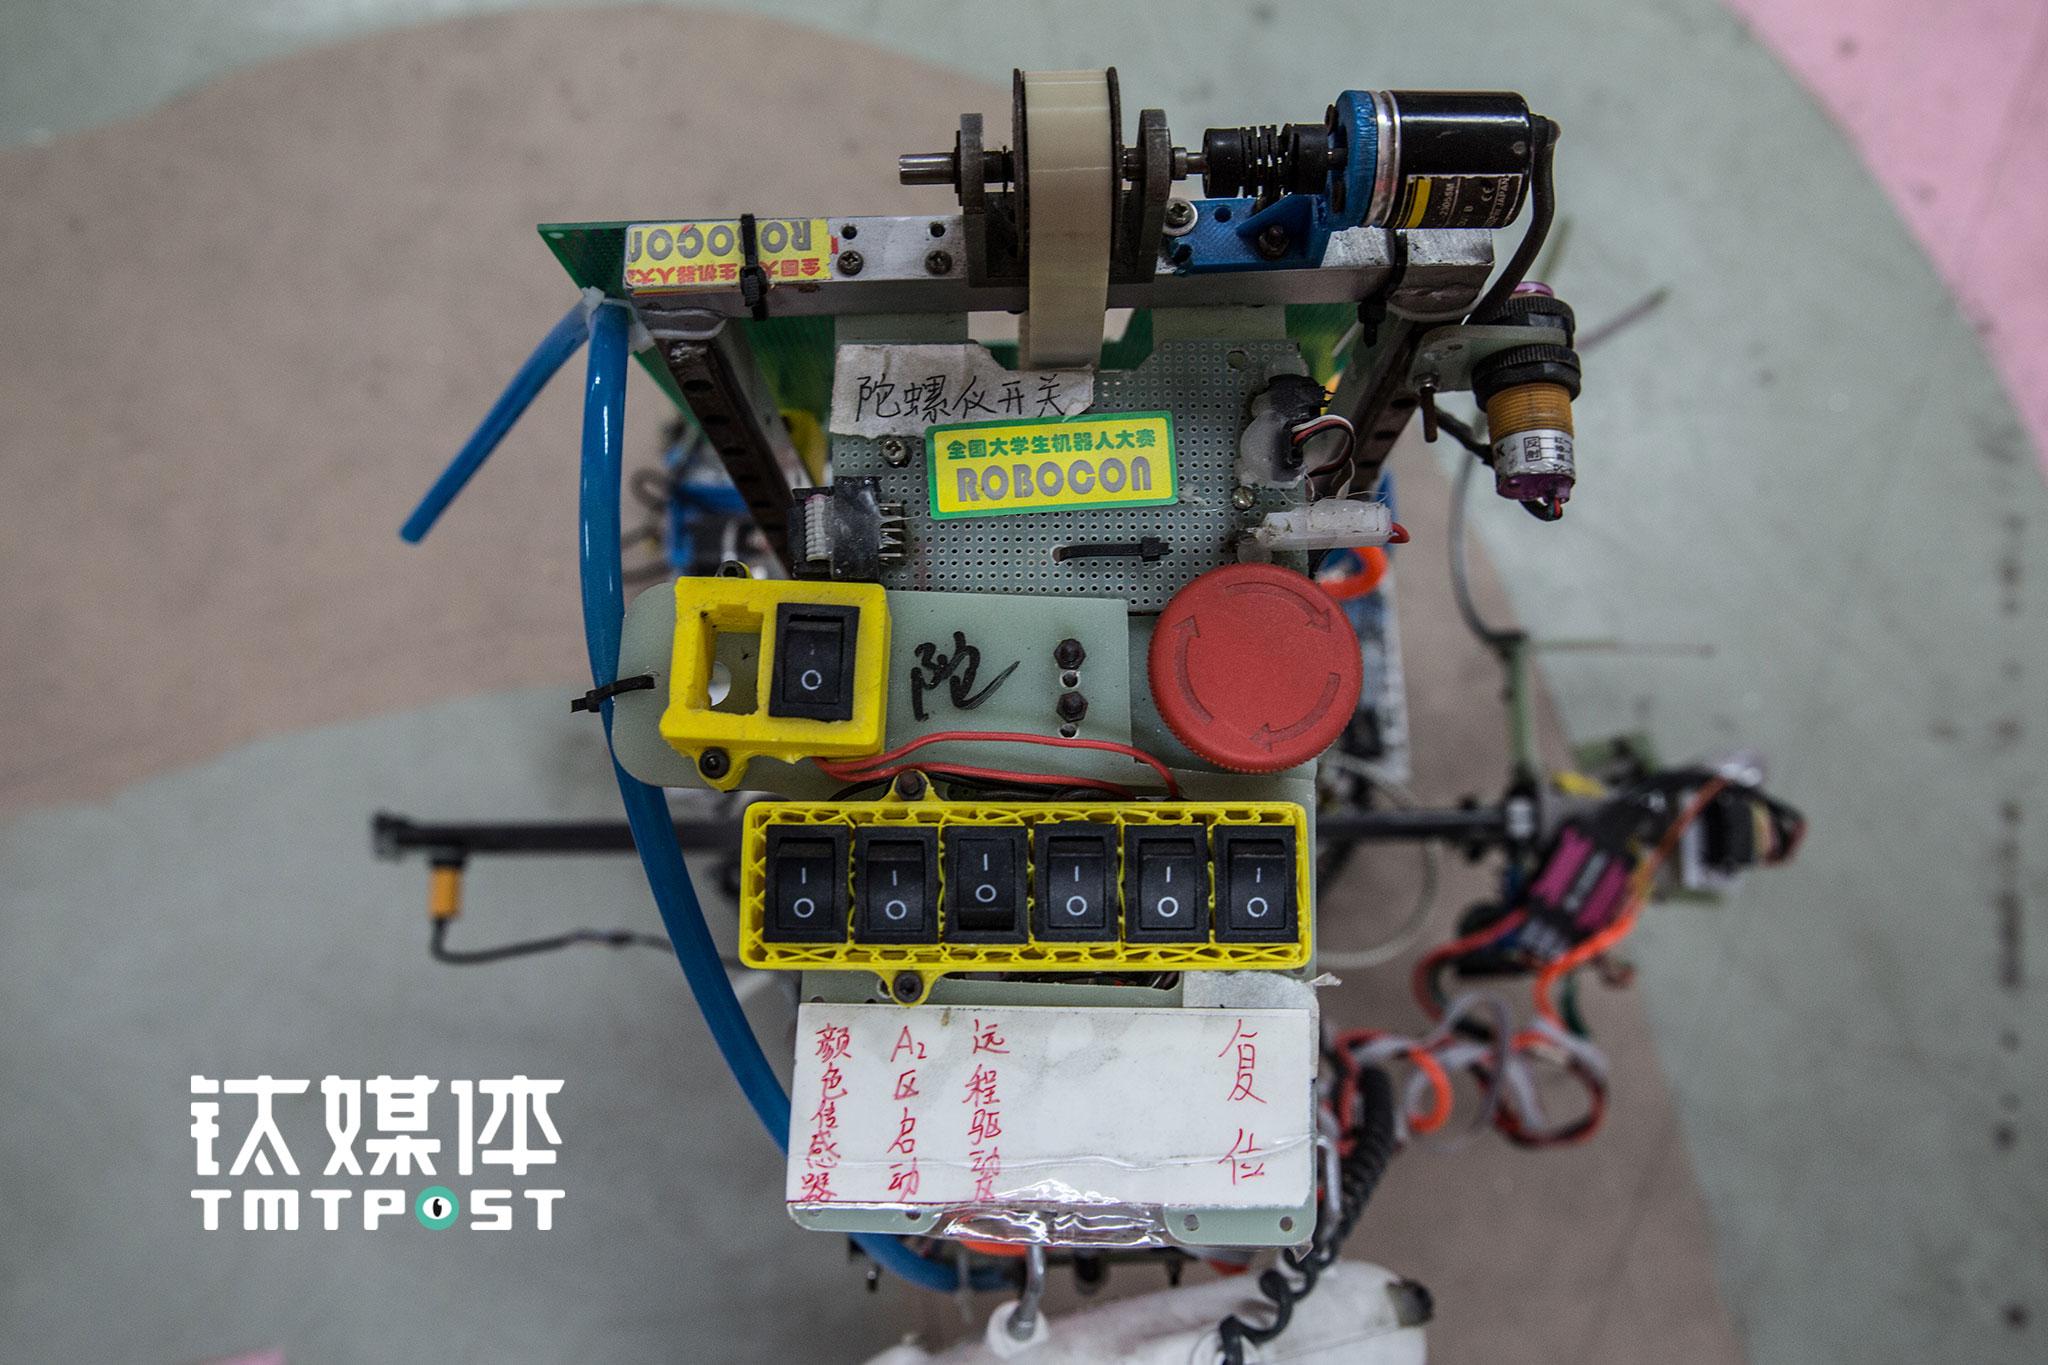 """一次Robocon的小组赛,比赛前几小时的调试中,在执行""""爬柱子""""的任务时,这台机器人不慎从柱子上摔下,此后便""""瘫痪""""了。""""它经历了好几代队员的更新,是老功臣了"""",龚普觉得,机器人都是有灵性的,""""你对它付出得多,它给你的回报也多,如果它表现得好,你会为它高兴,如果它因为你的疏忽而出问题,你会很揪心""""。"""